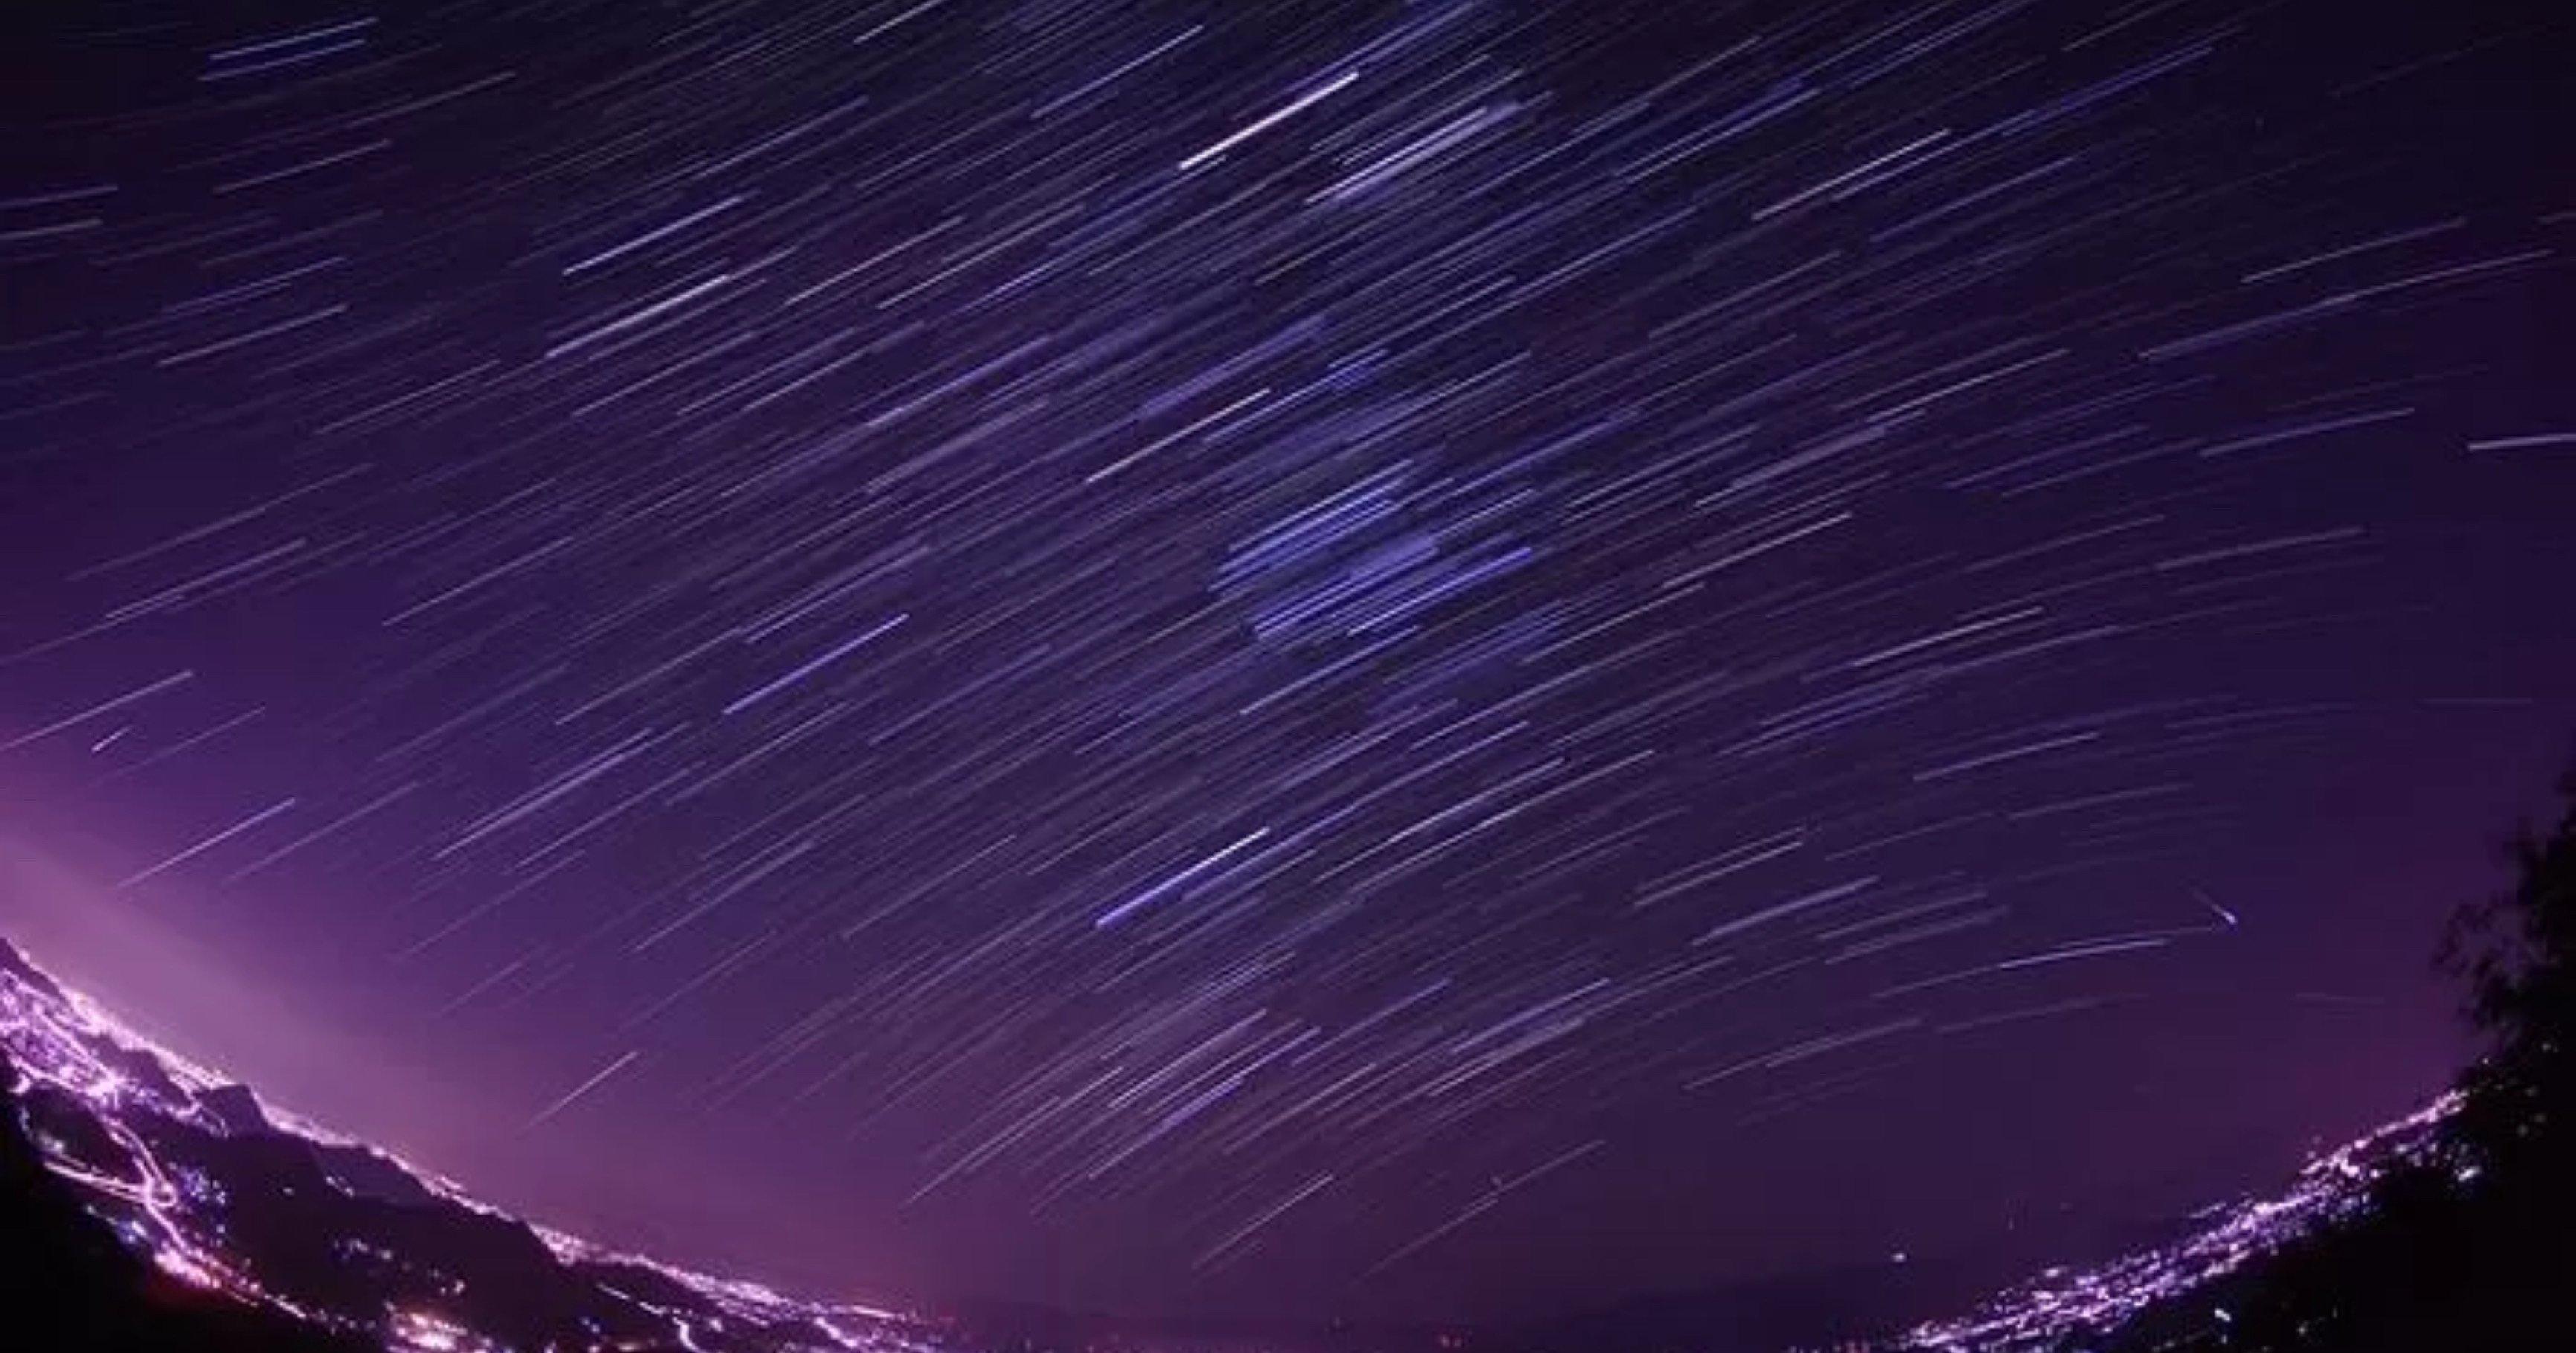 a2dea02f 2c5a 47a1 874e d246d666cbe4.jpeg?resize=1200,630 - 오늘(21일)밤 '소원' 빌면 이뤄준다는 아름다운 '오리온자리 유성우' 쏟아진다